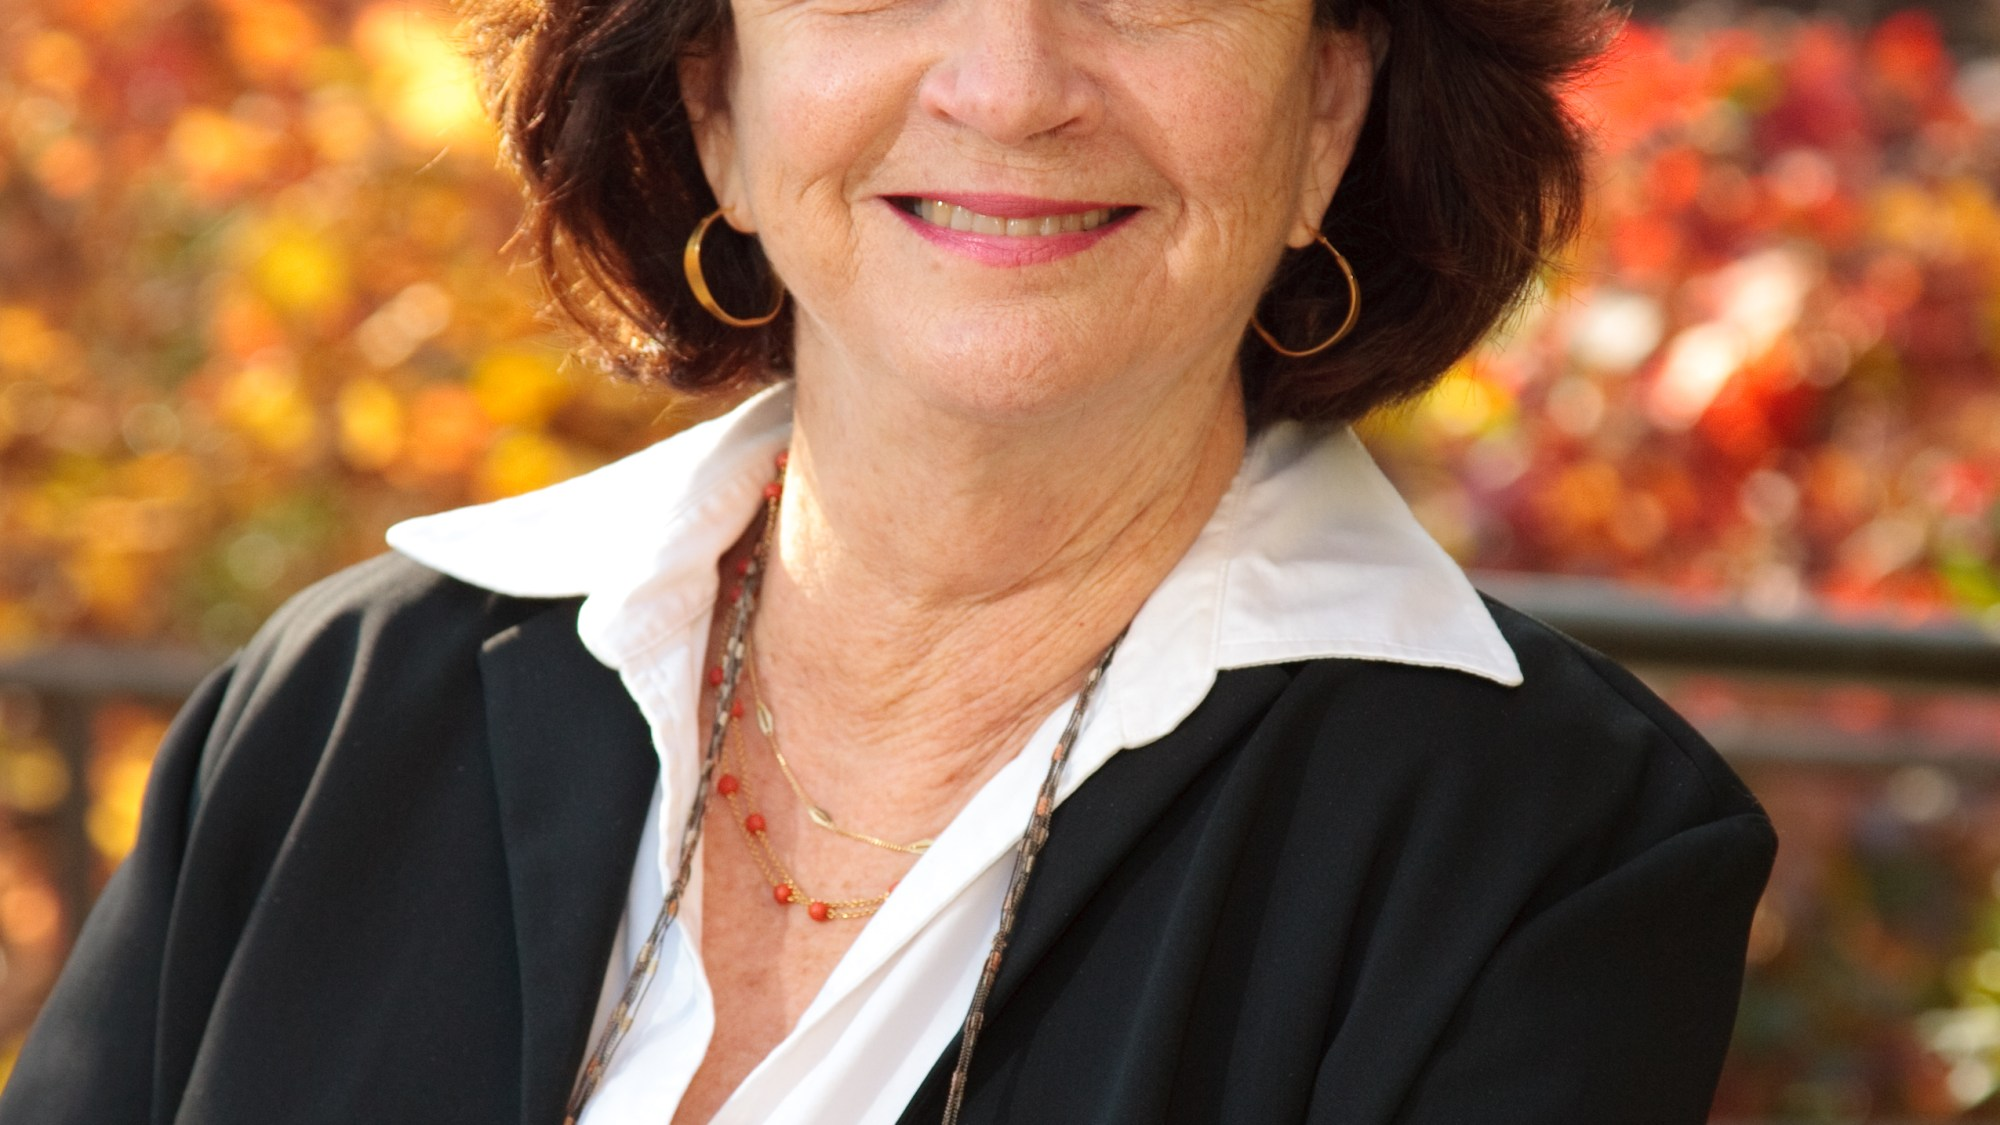 Sara McLanahan